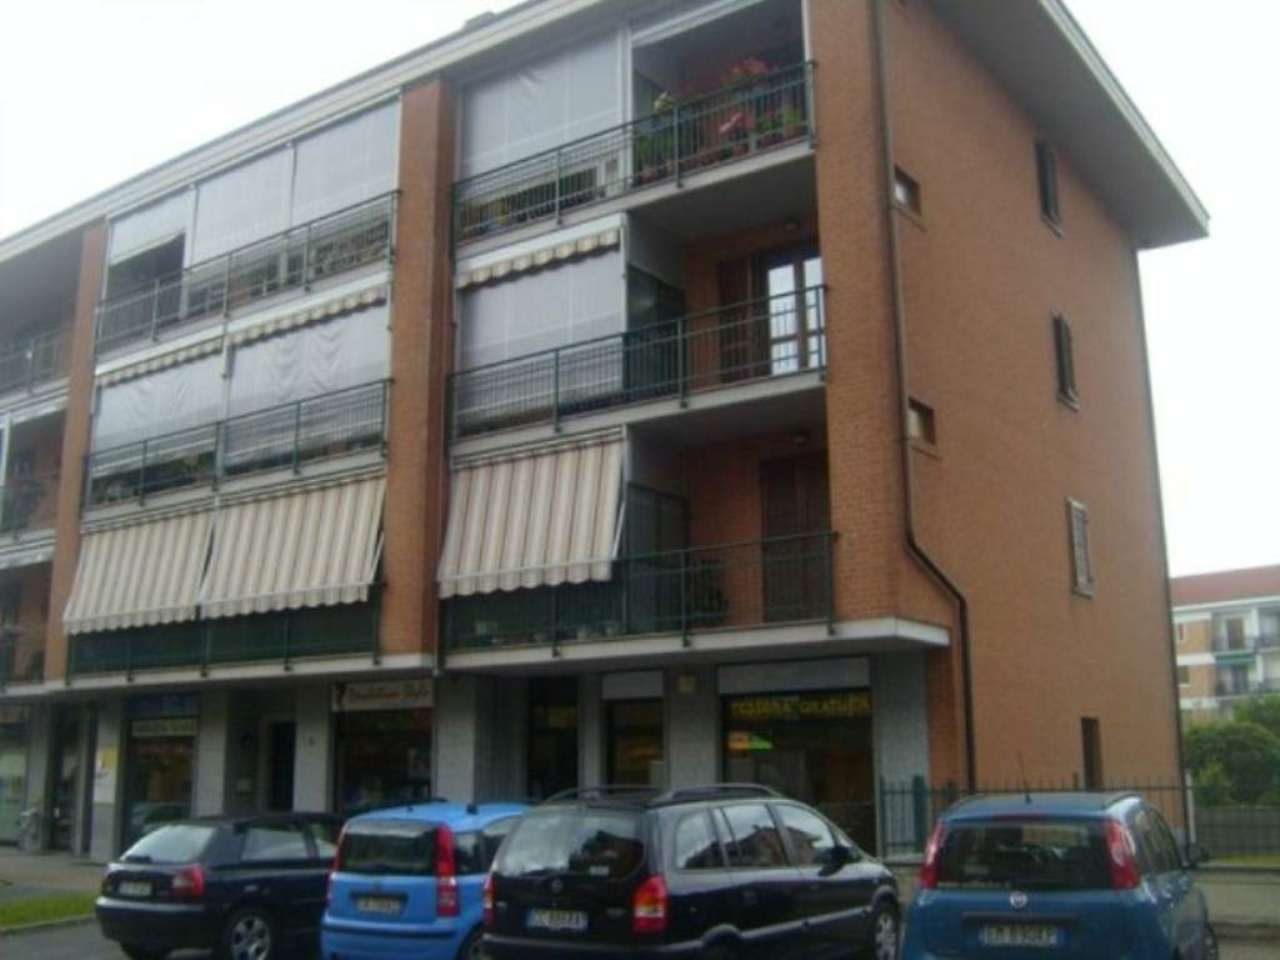 Negozio / Locale in affitto a Piossasco, 1 locali, prezzo € 500   CambioCasa.it